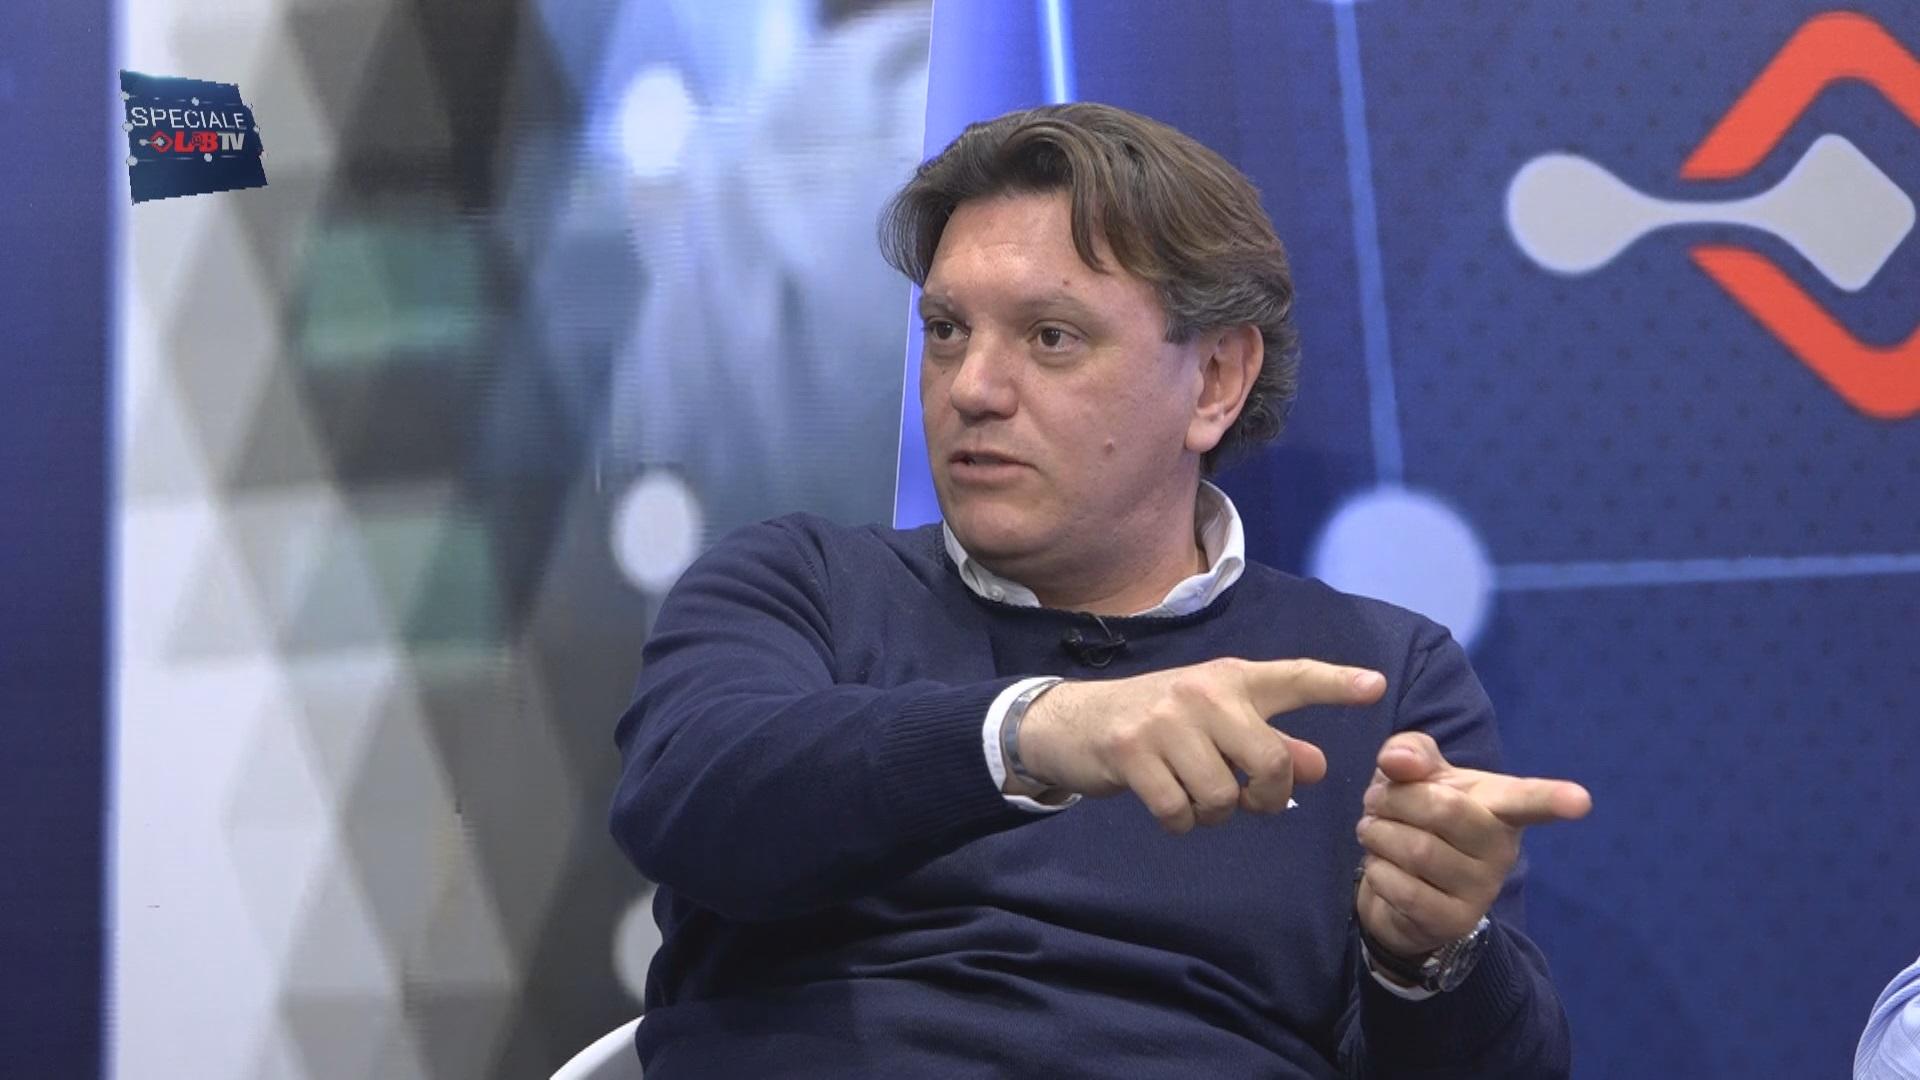 Benevento| Disagio treni, Del Vecchio: Mastella non esente da responsabilità